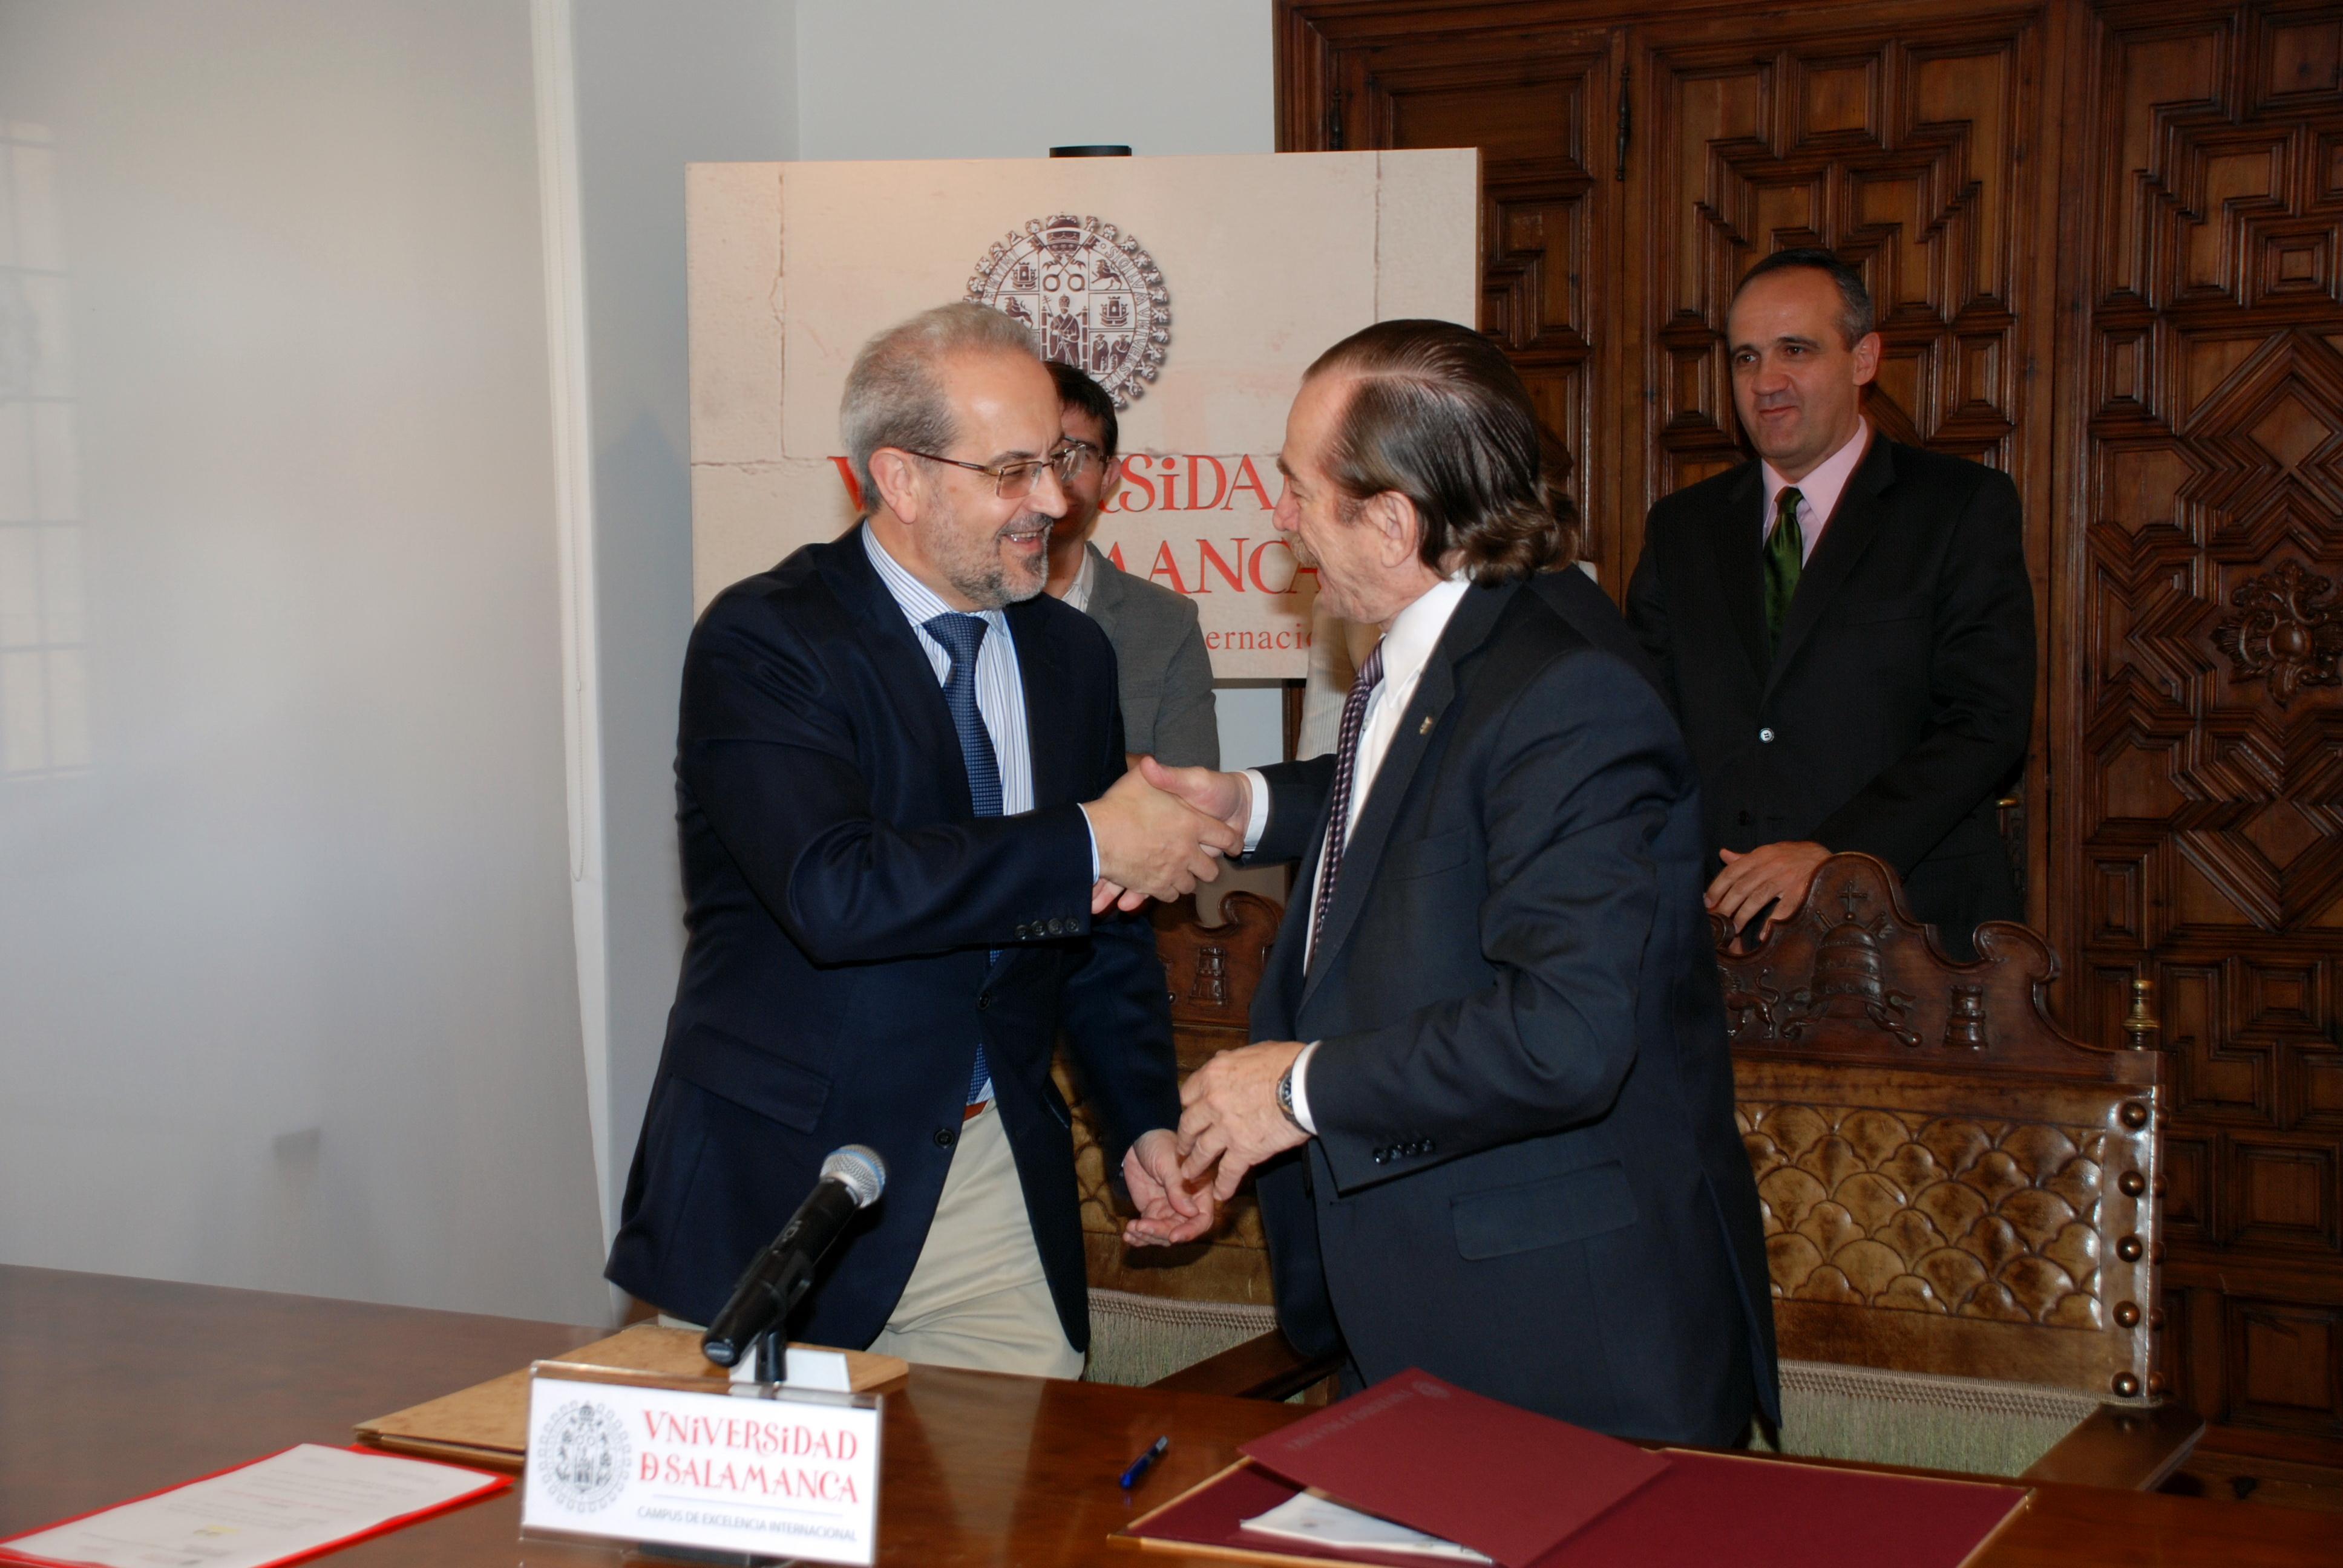 Las universidades de Salamanca y Nacional del Nordeste (Argentina) crearán un programa de dobles titulaciones